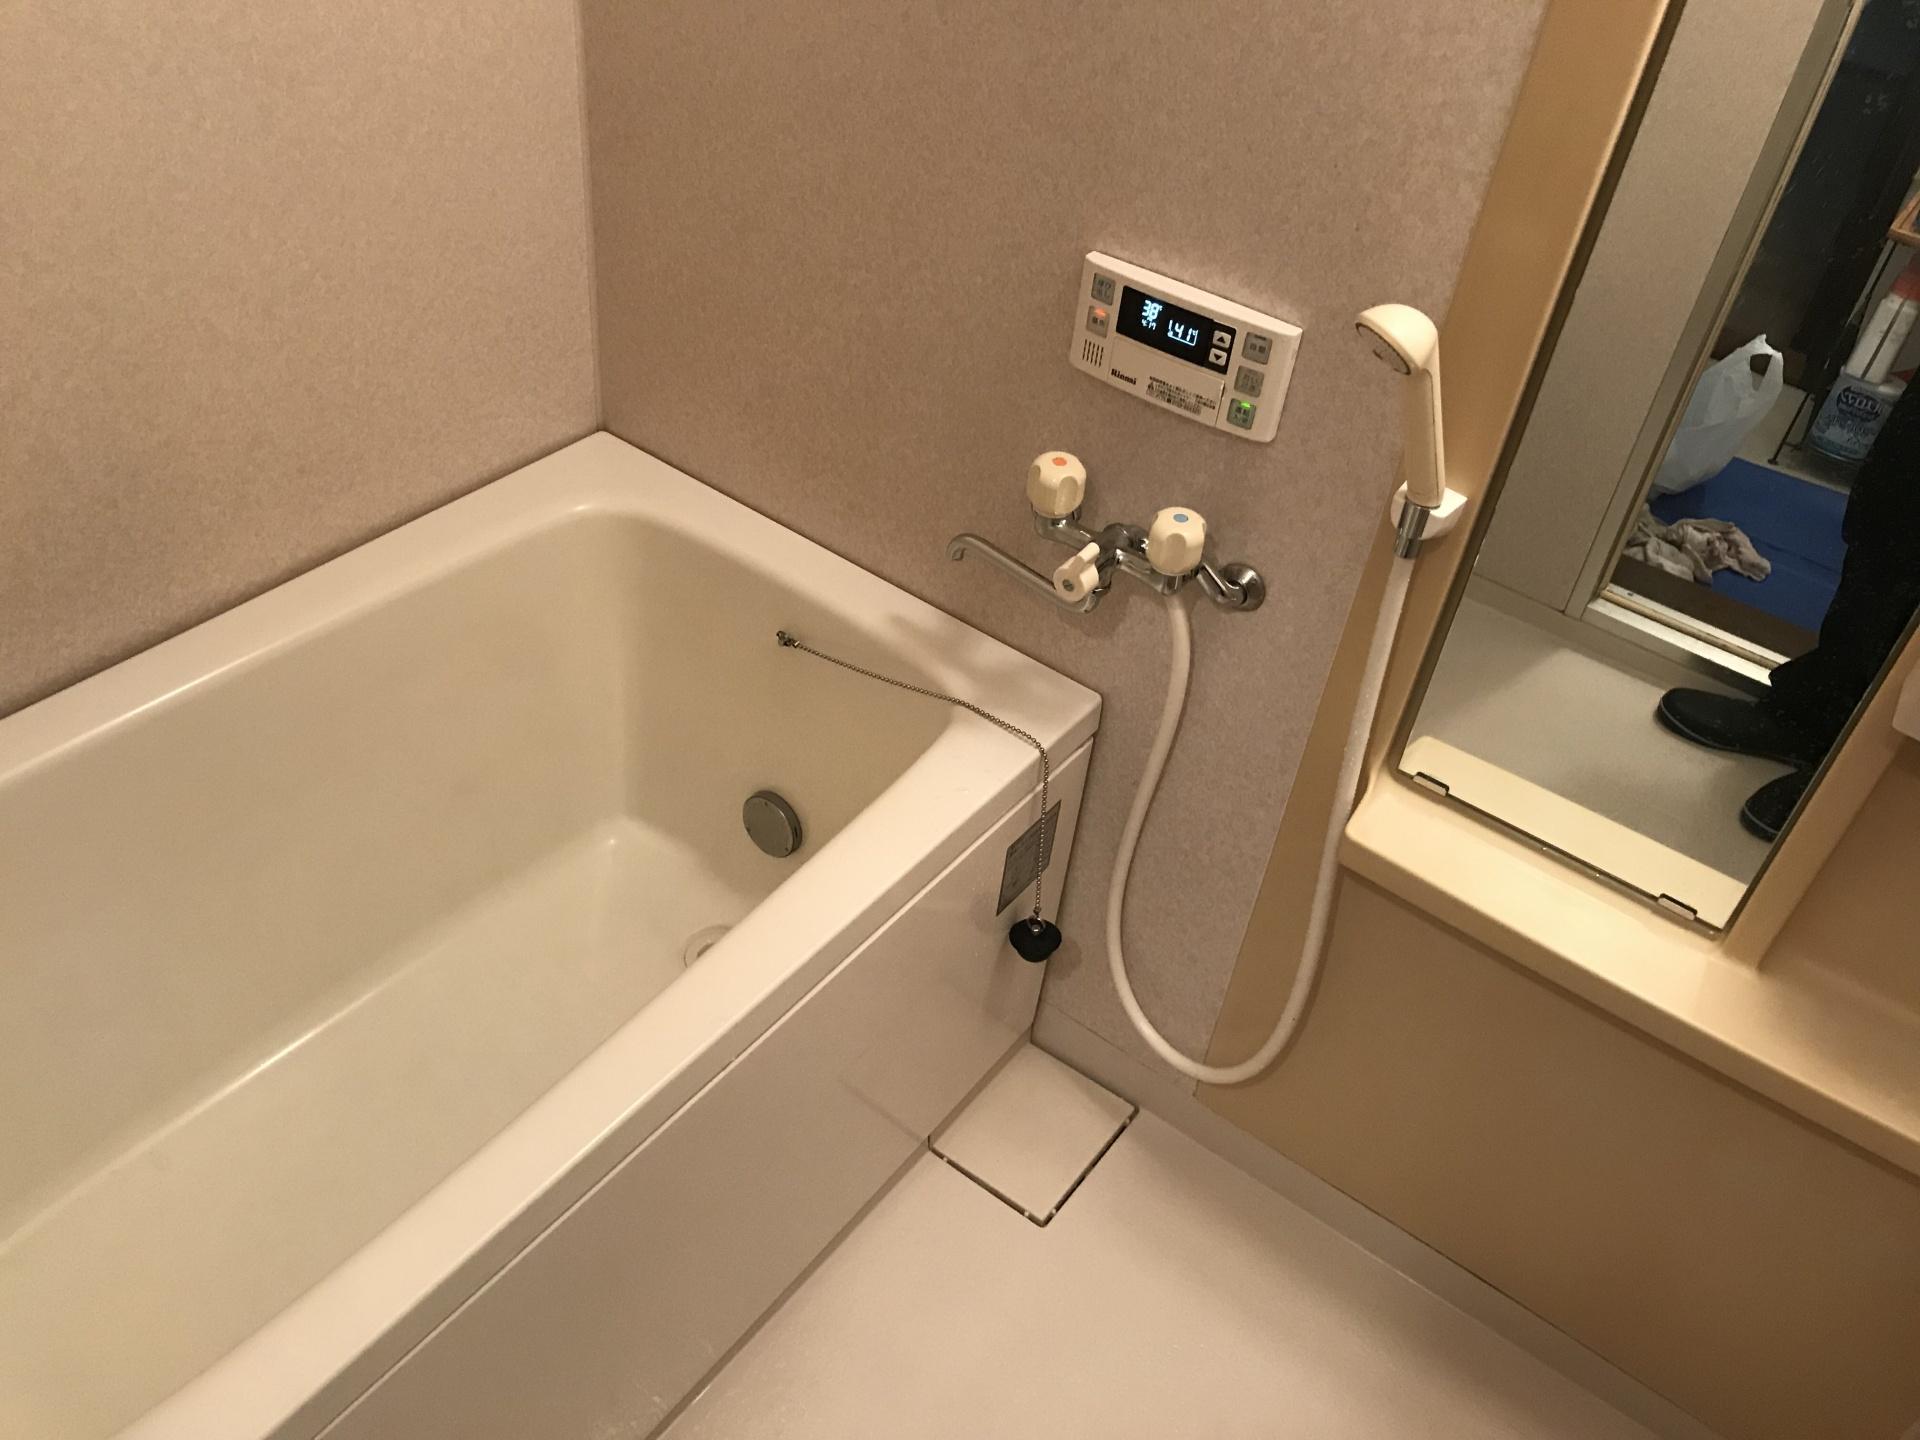 キレイになった浴室を全体的に撮りました